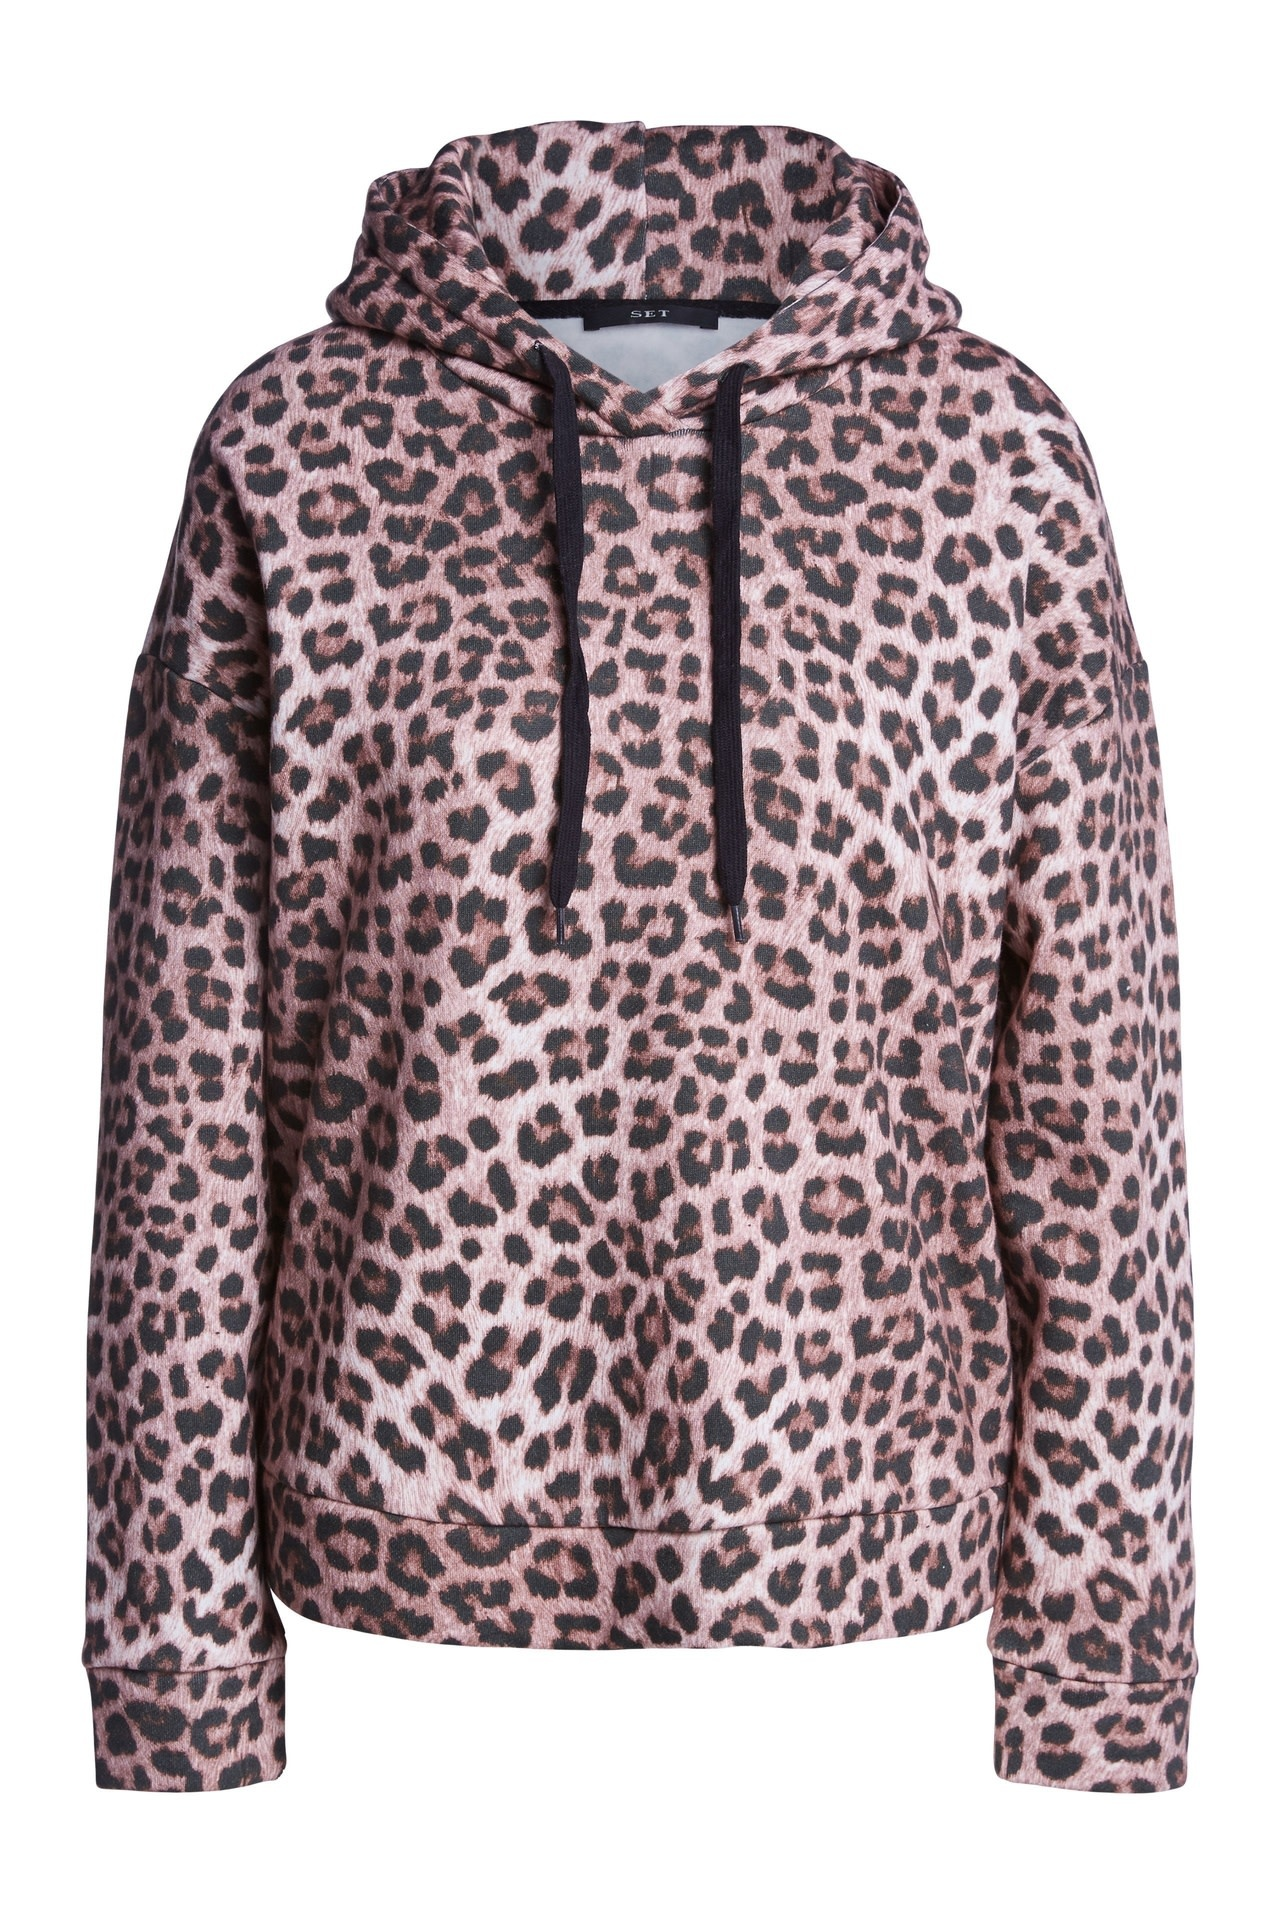 Hoodie leopard-1